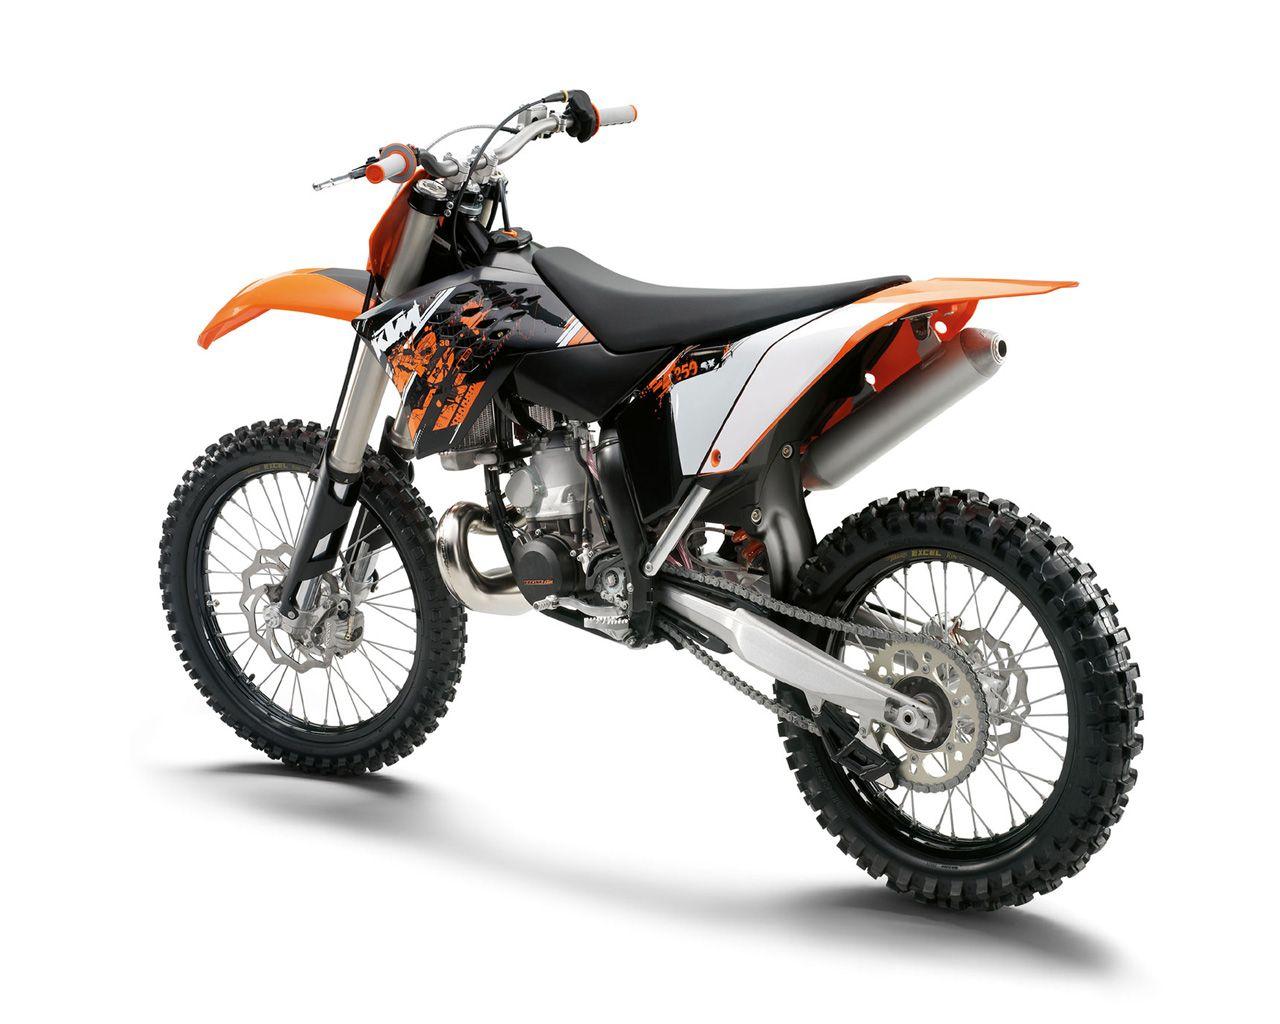 Ktm 250 Ktm Motocross Ktm Motocross Bikes